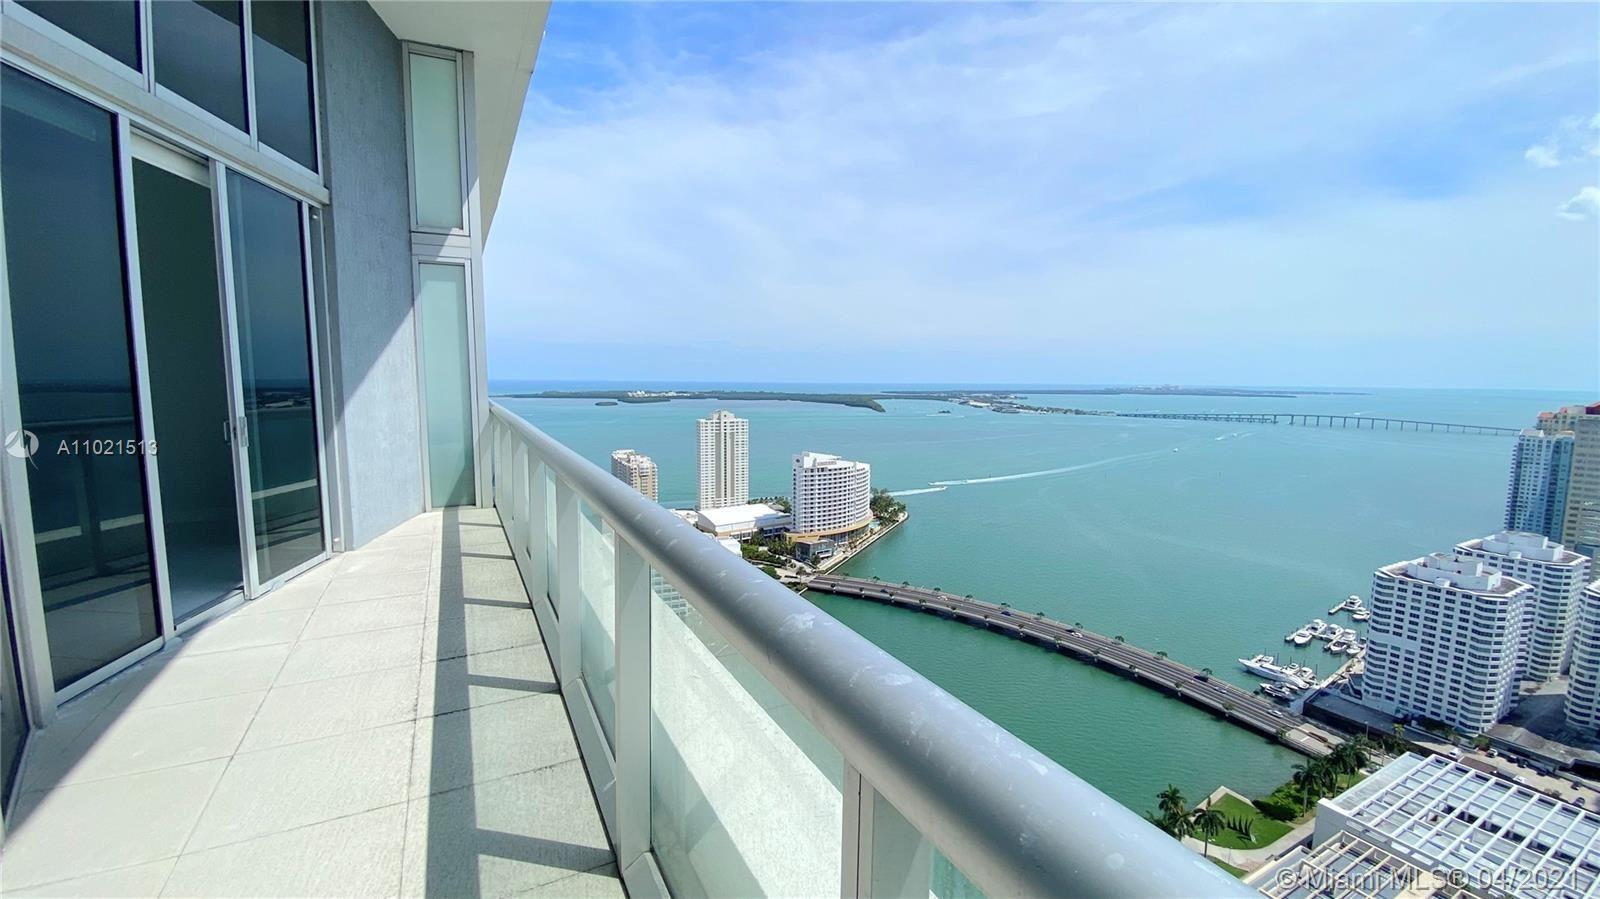 495 Brickell Ave #4107, Miami, FL 33131 - #: A11021513